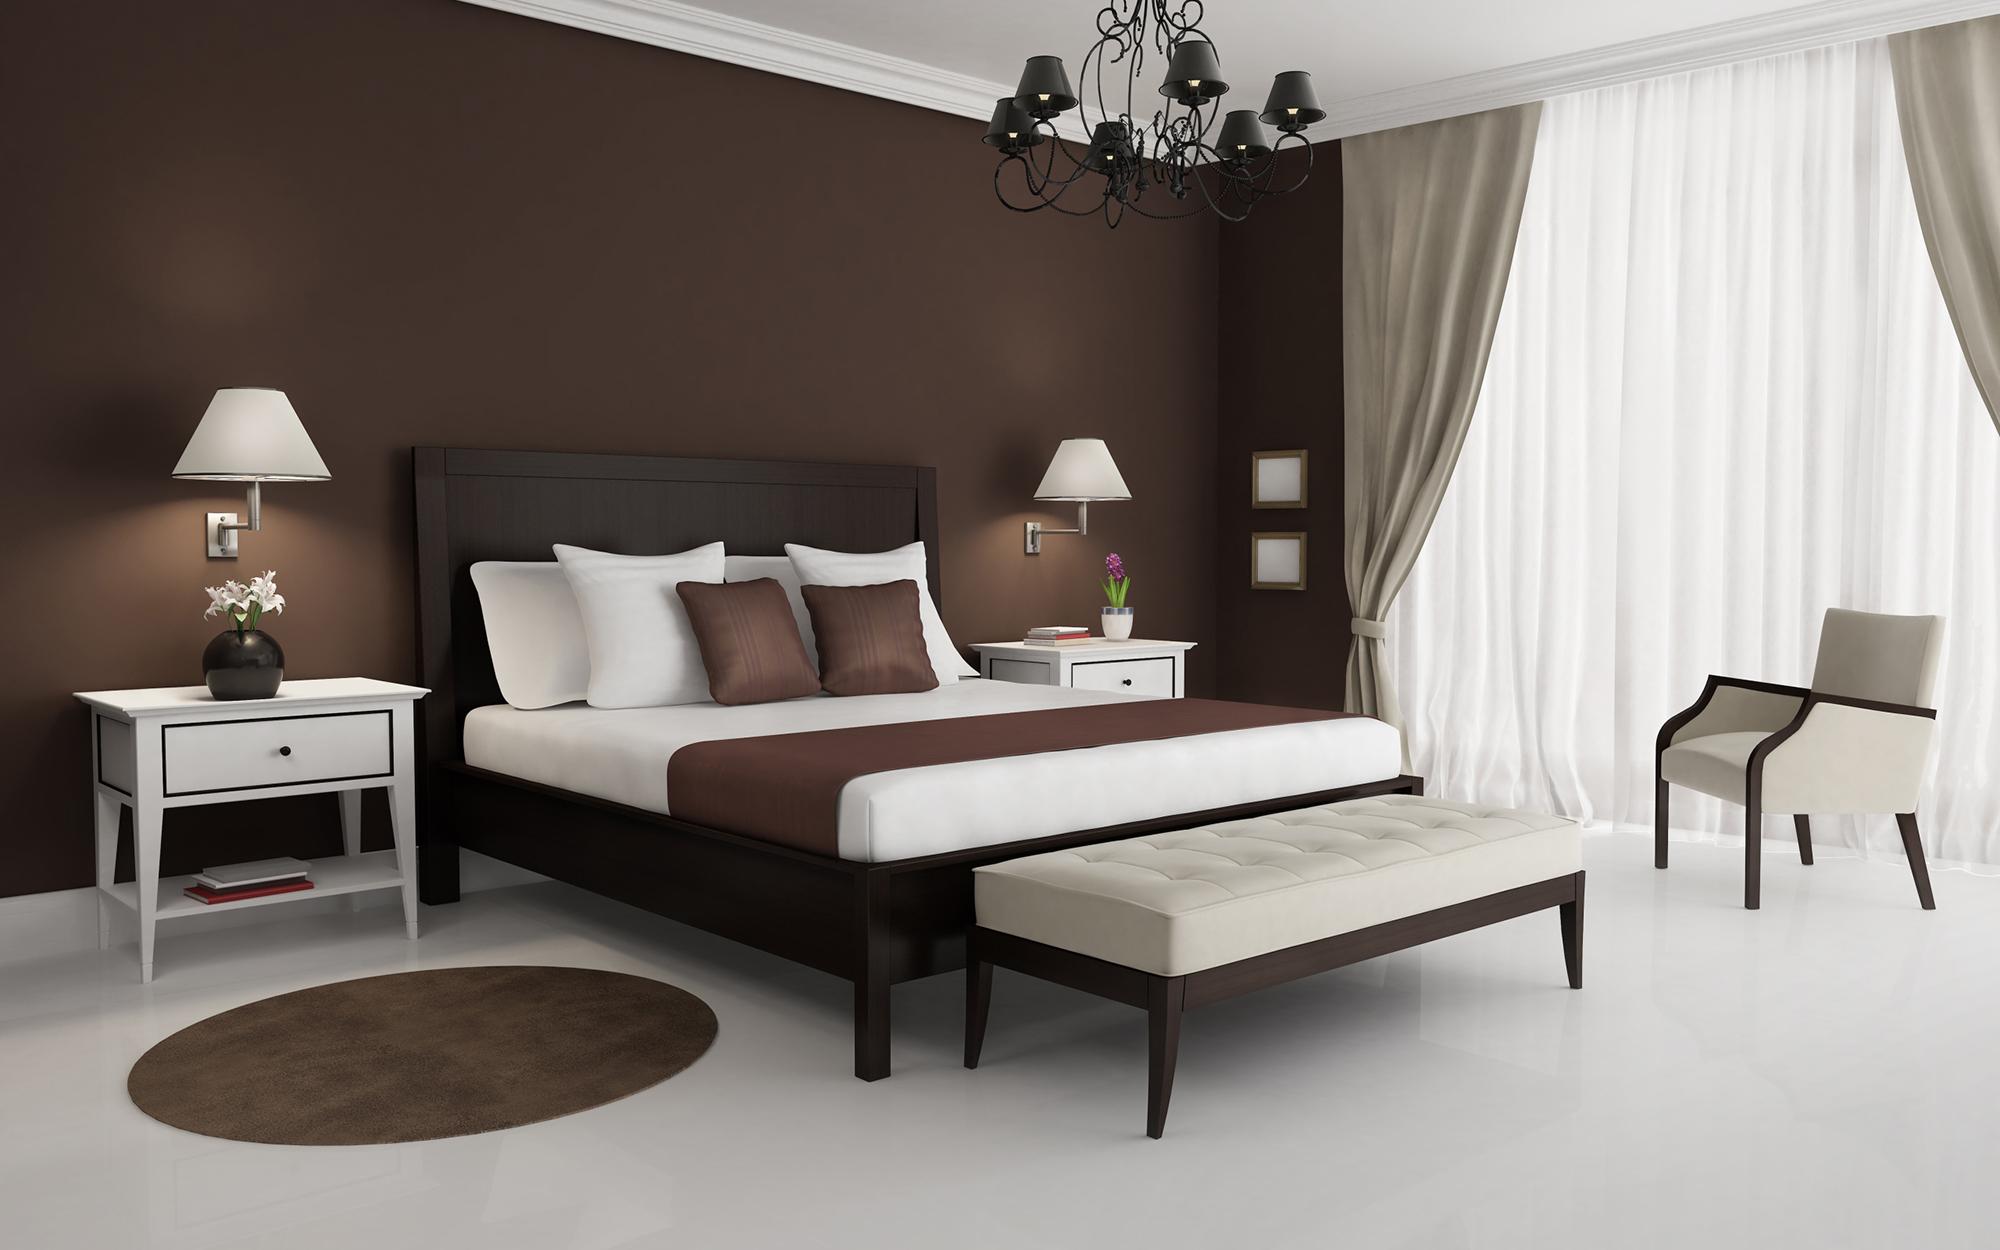 Серые и белые шторы и коричневая мебель